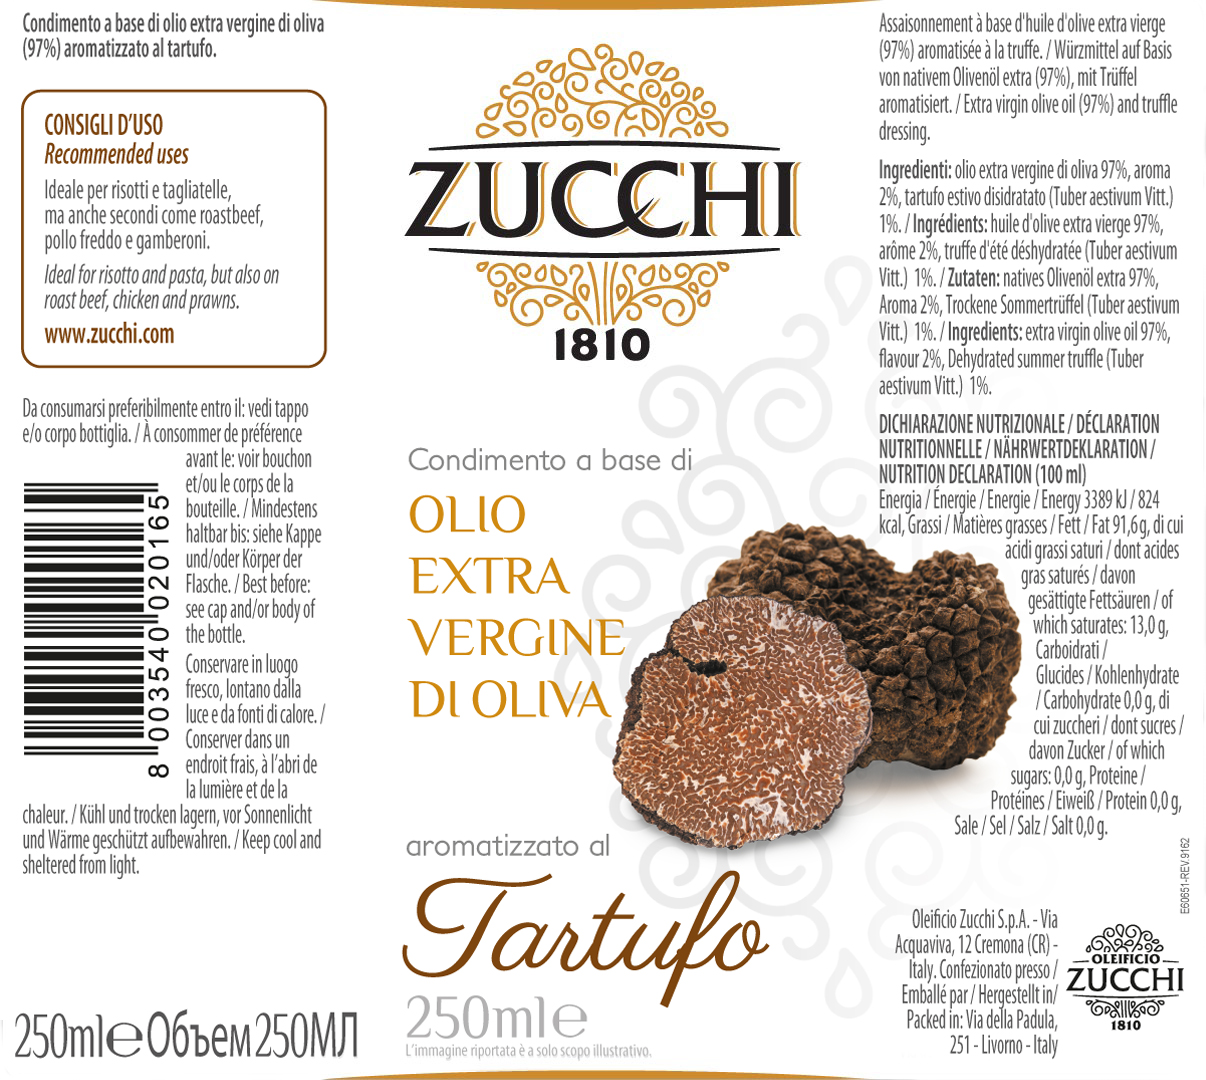 etichetta-tartufo-250